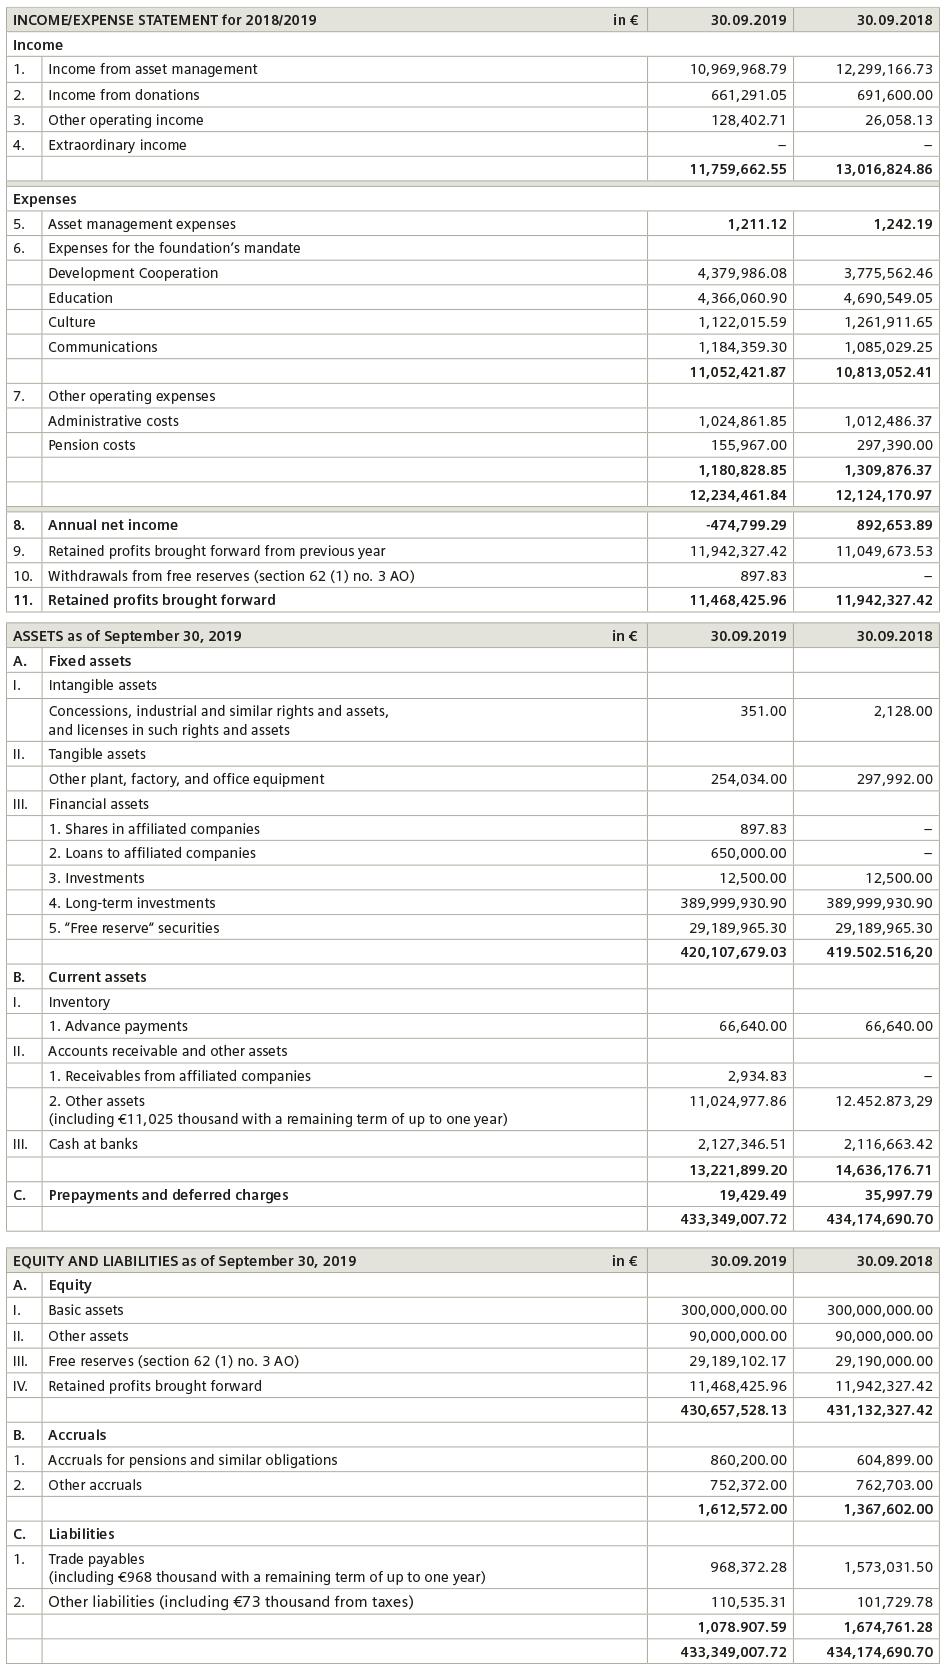 foundation-financialreport2019-siemensstiftung